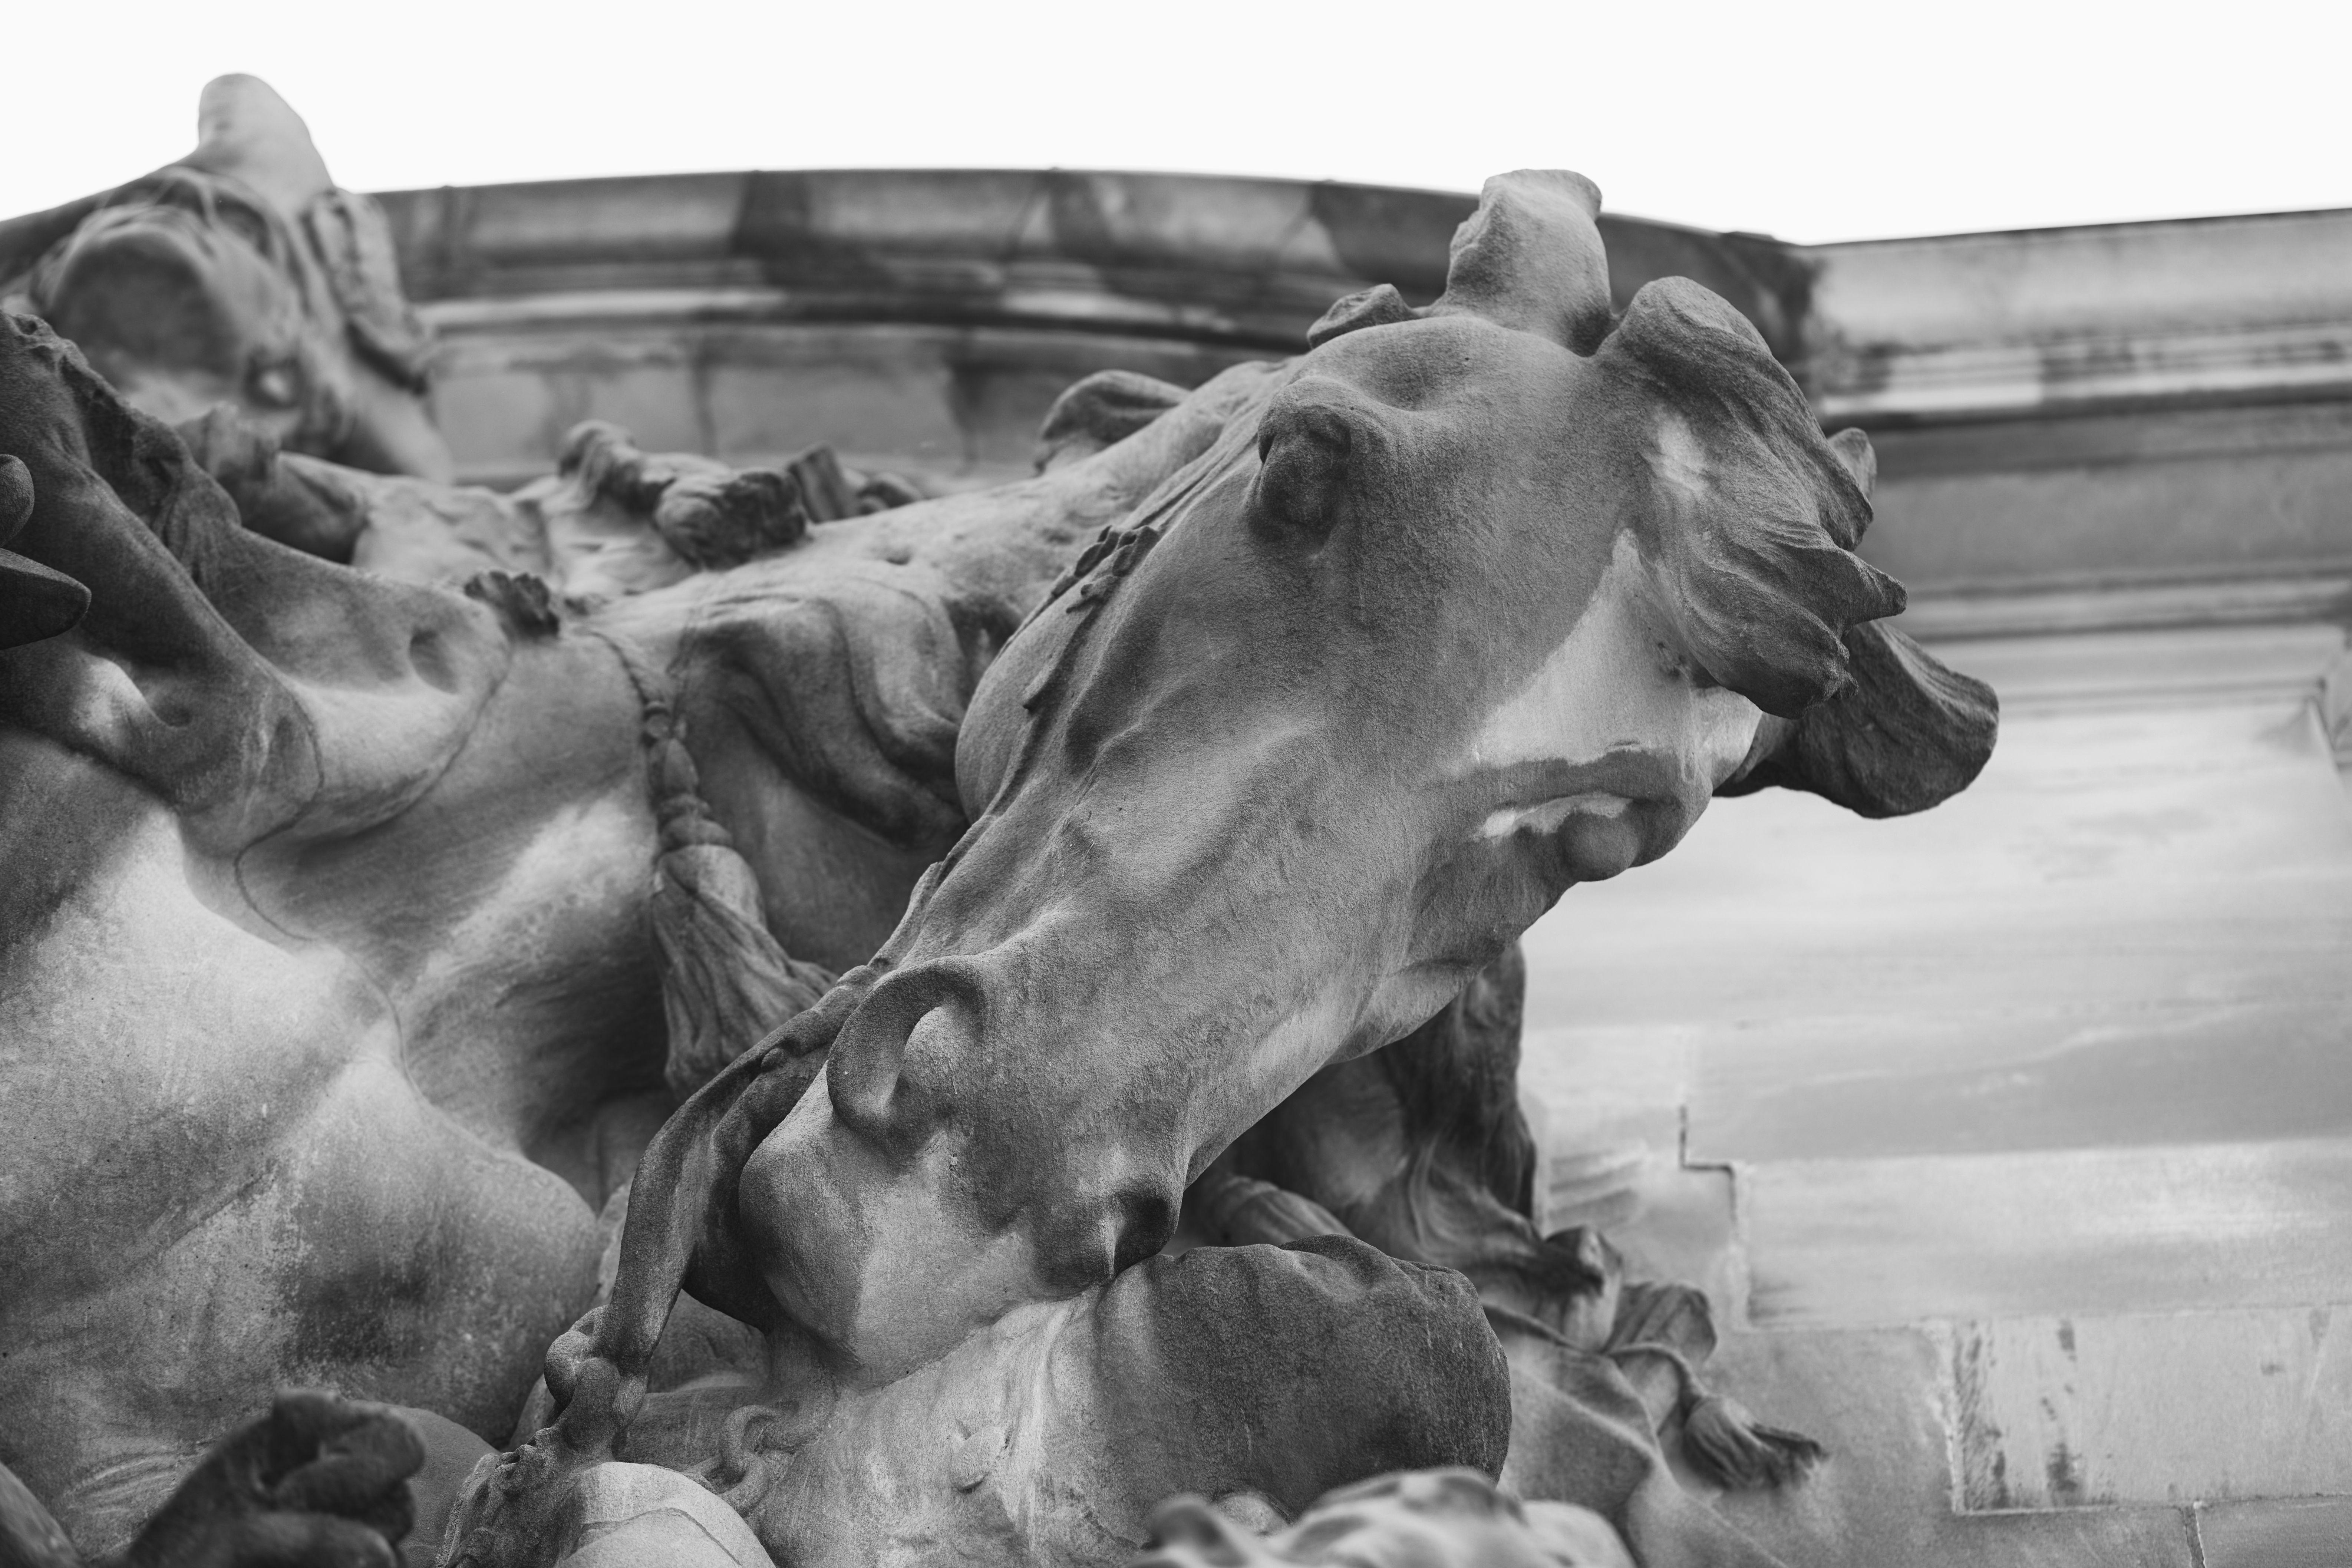 Black and white photo of George Washington's horse.